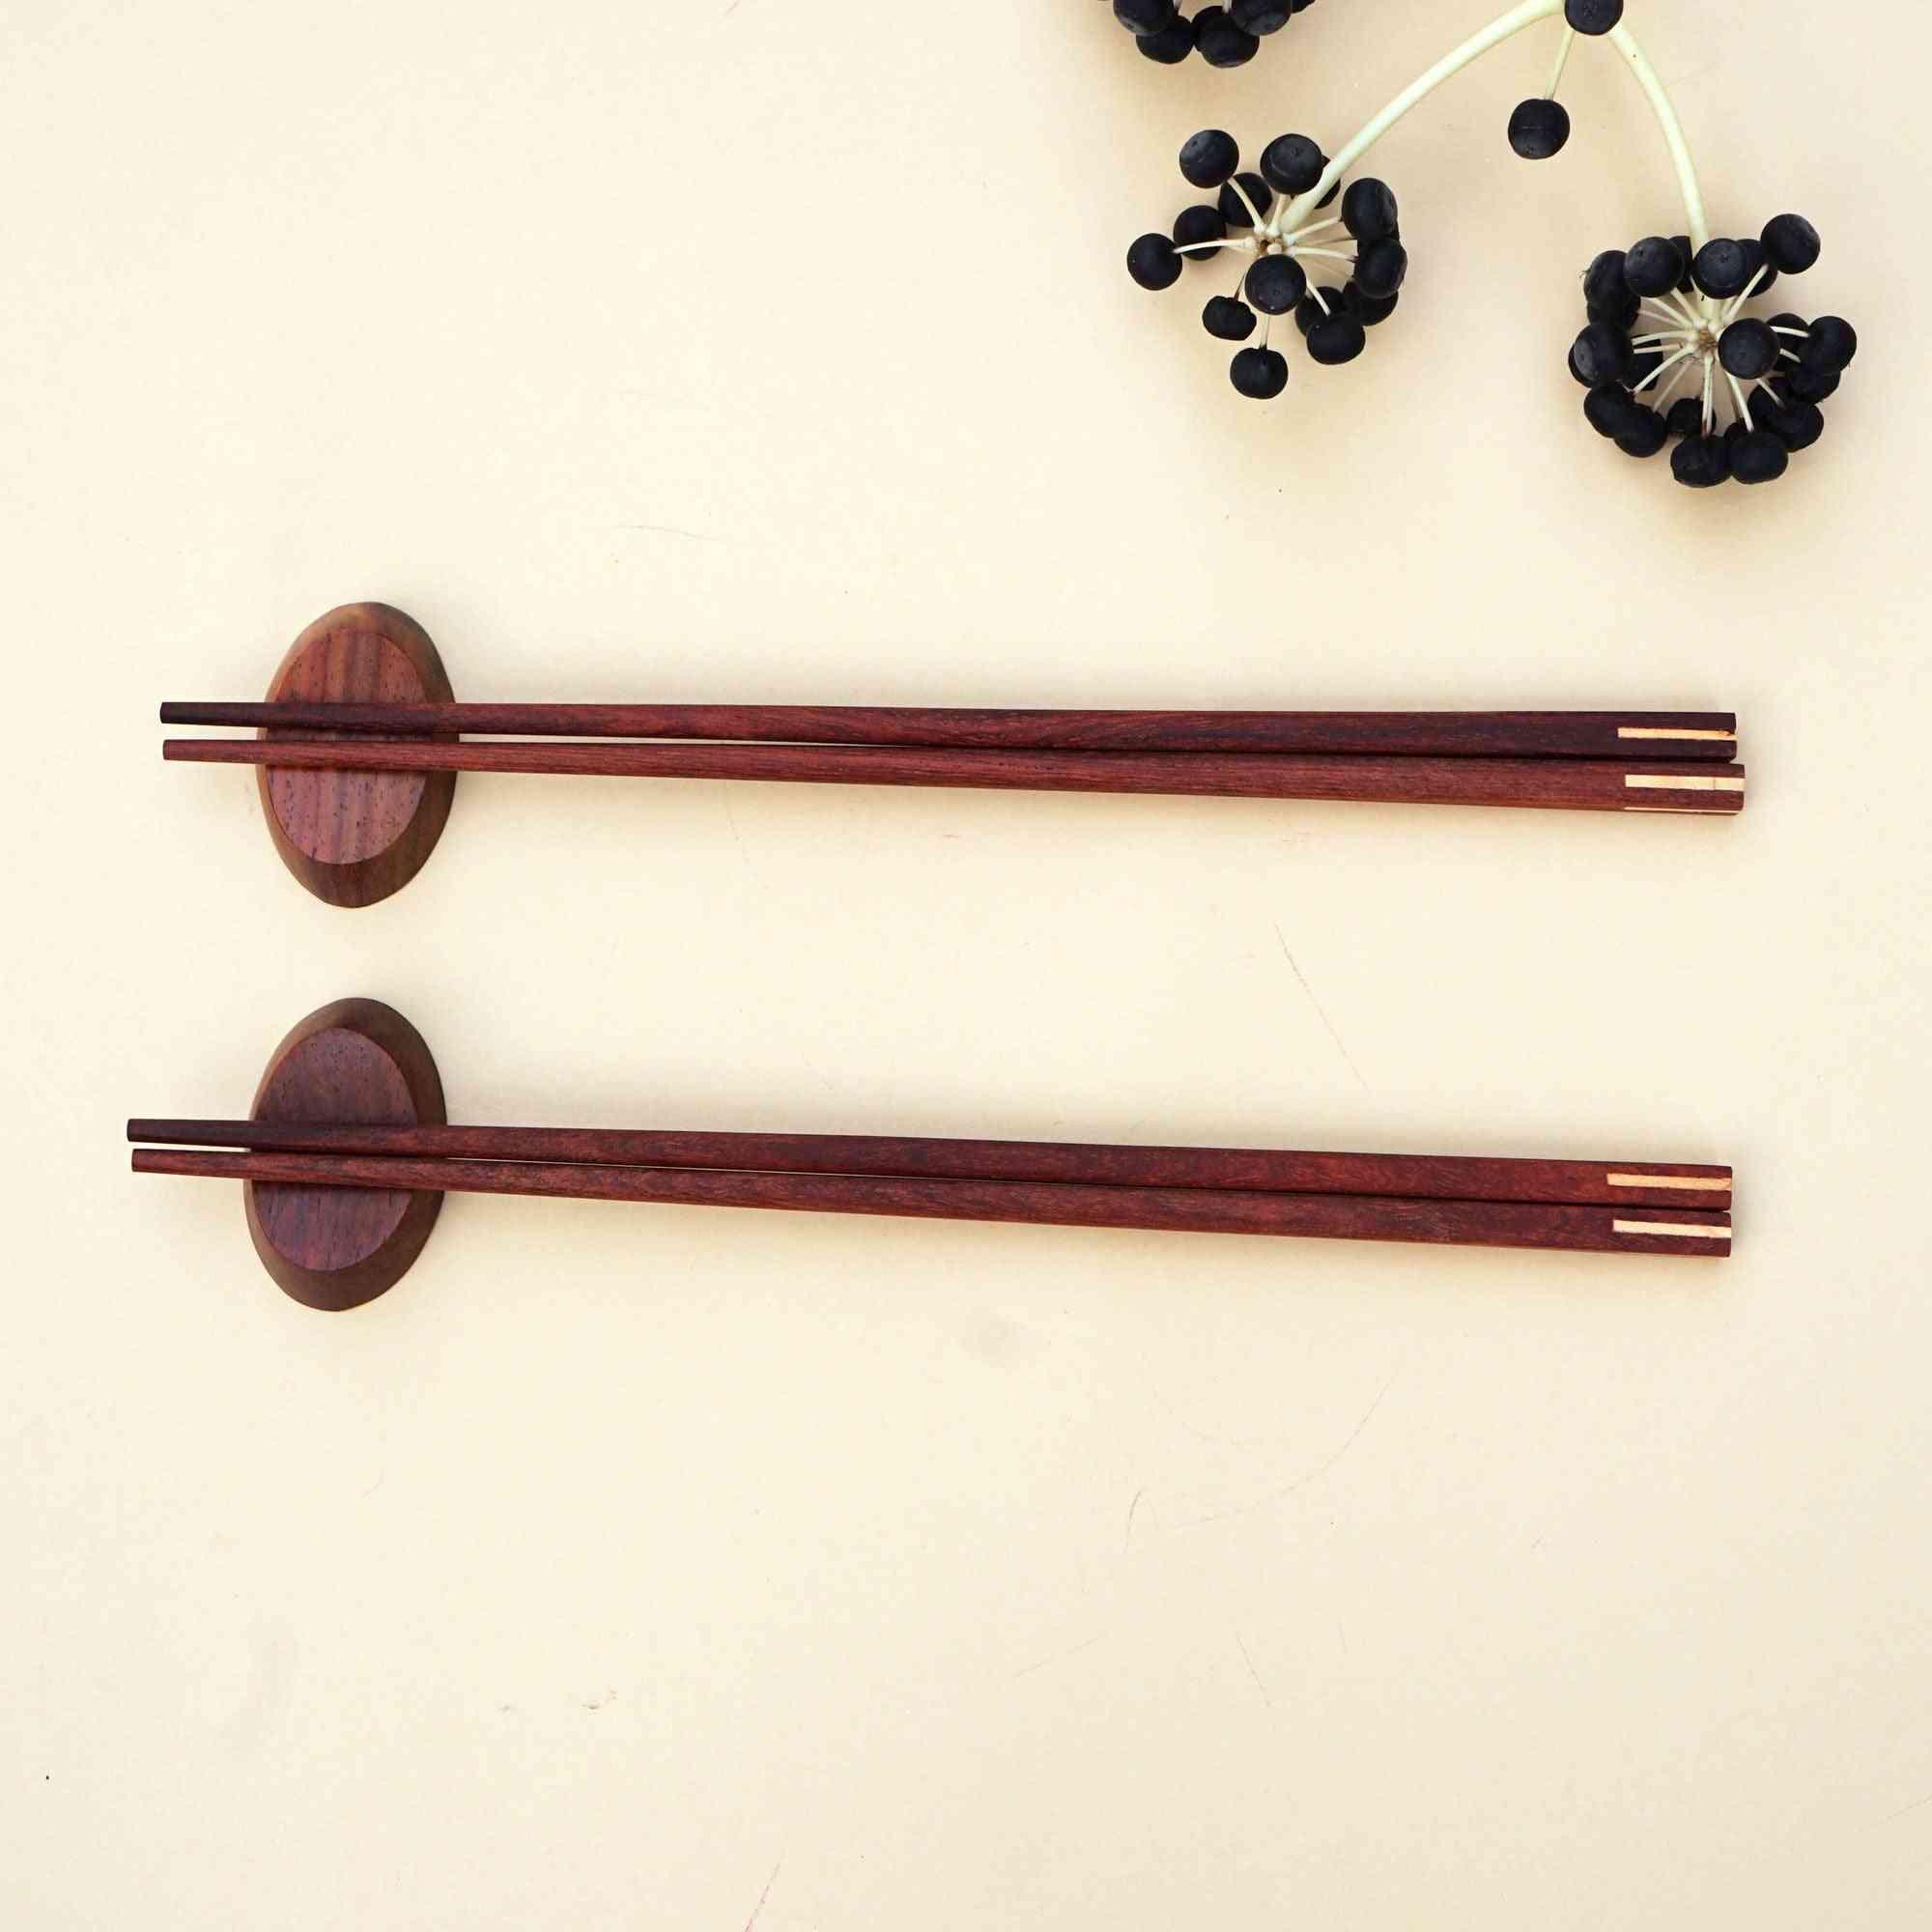 A Set Of 2 Pairs Of Handmade Wooden Chopsticks